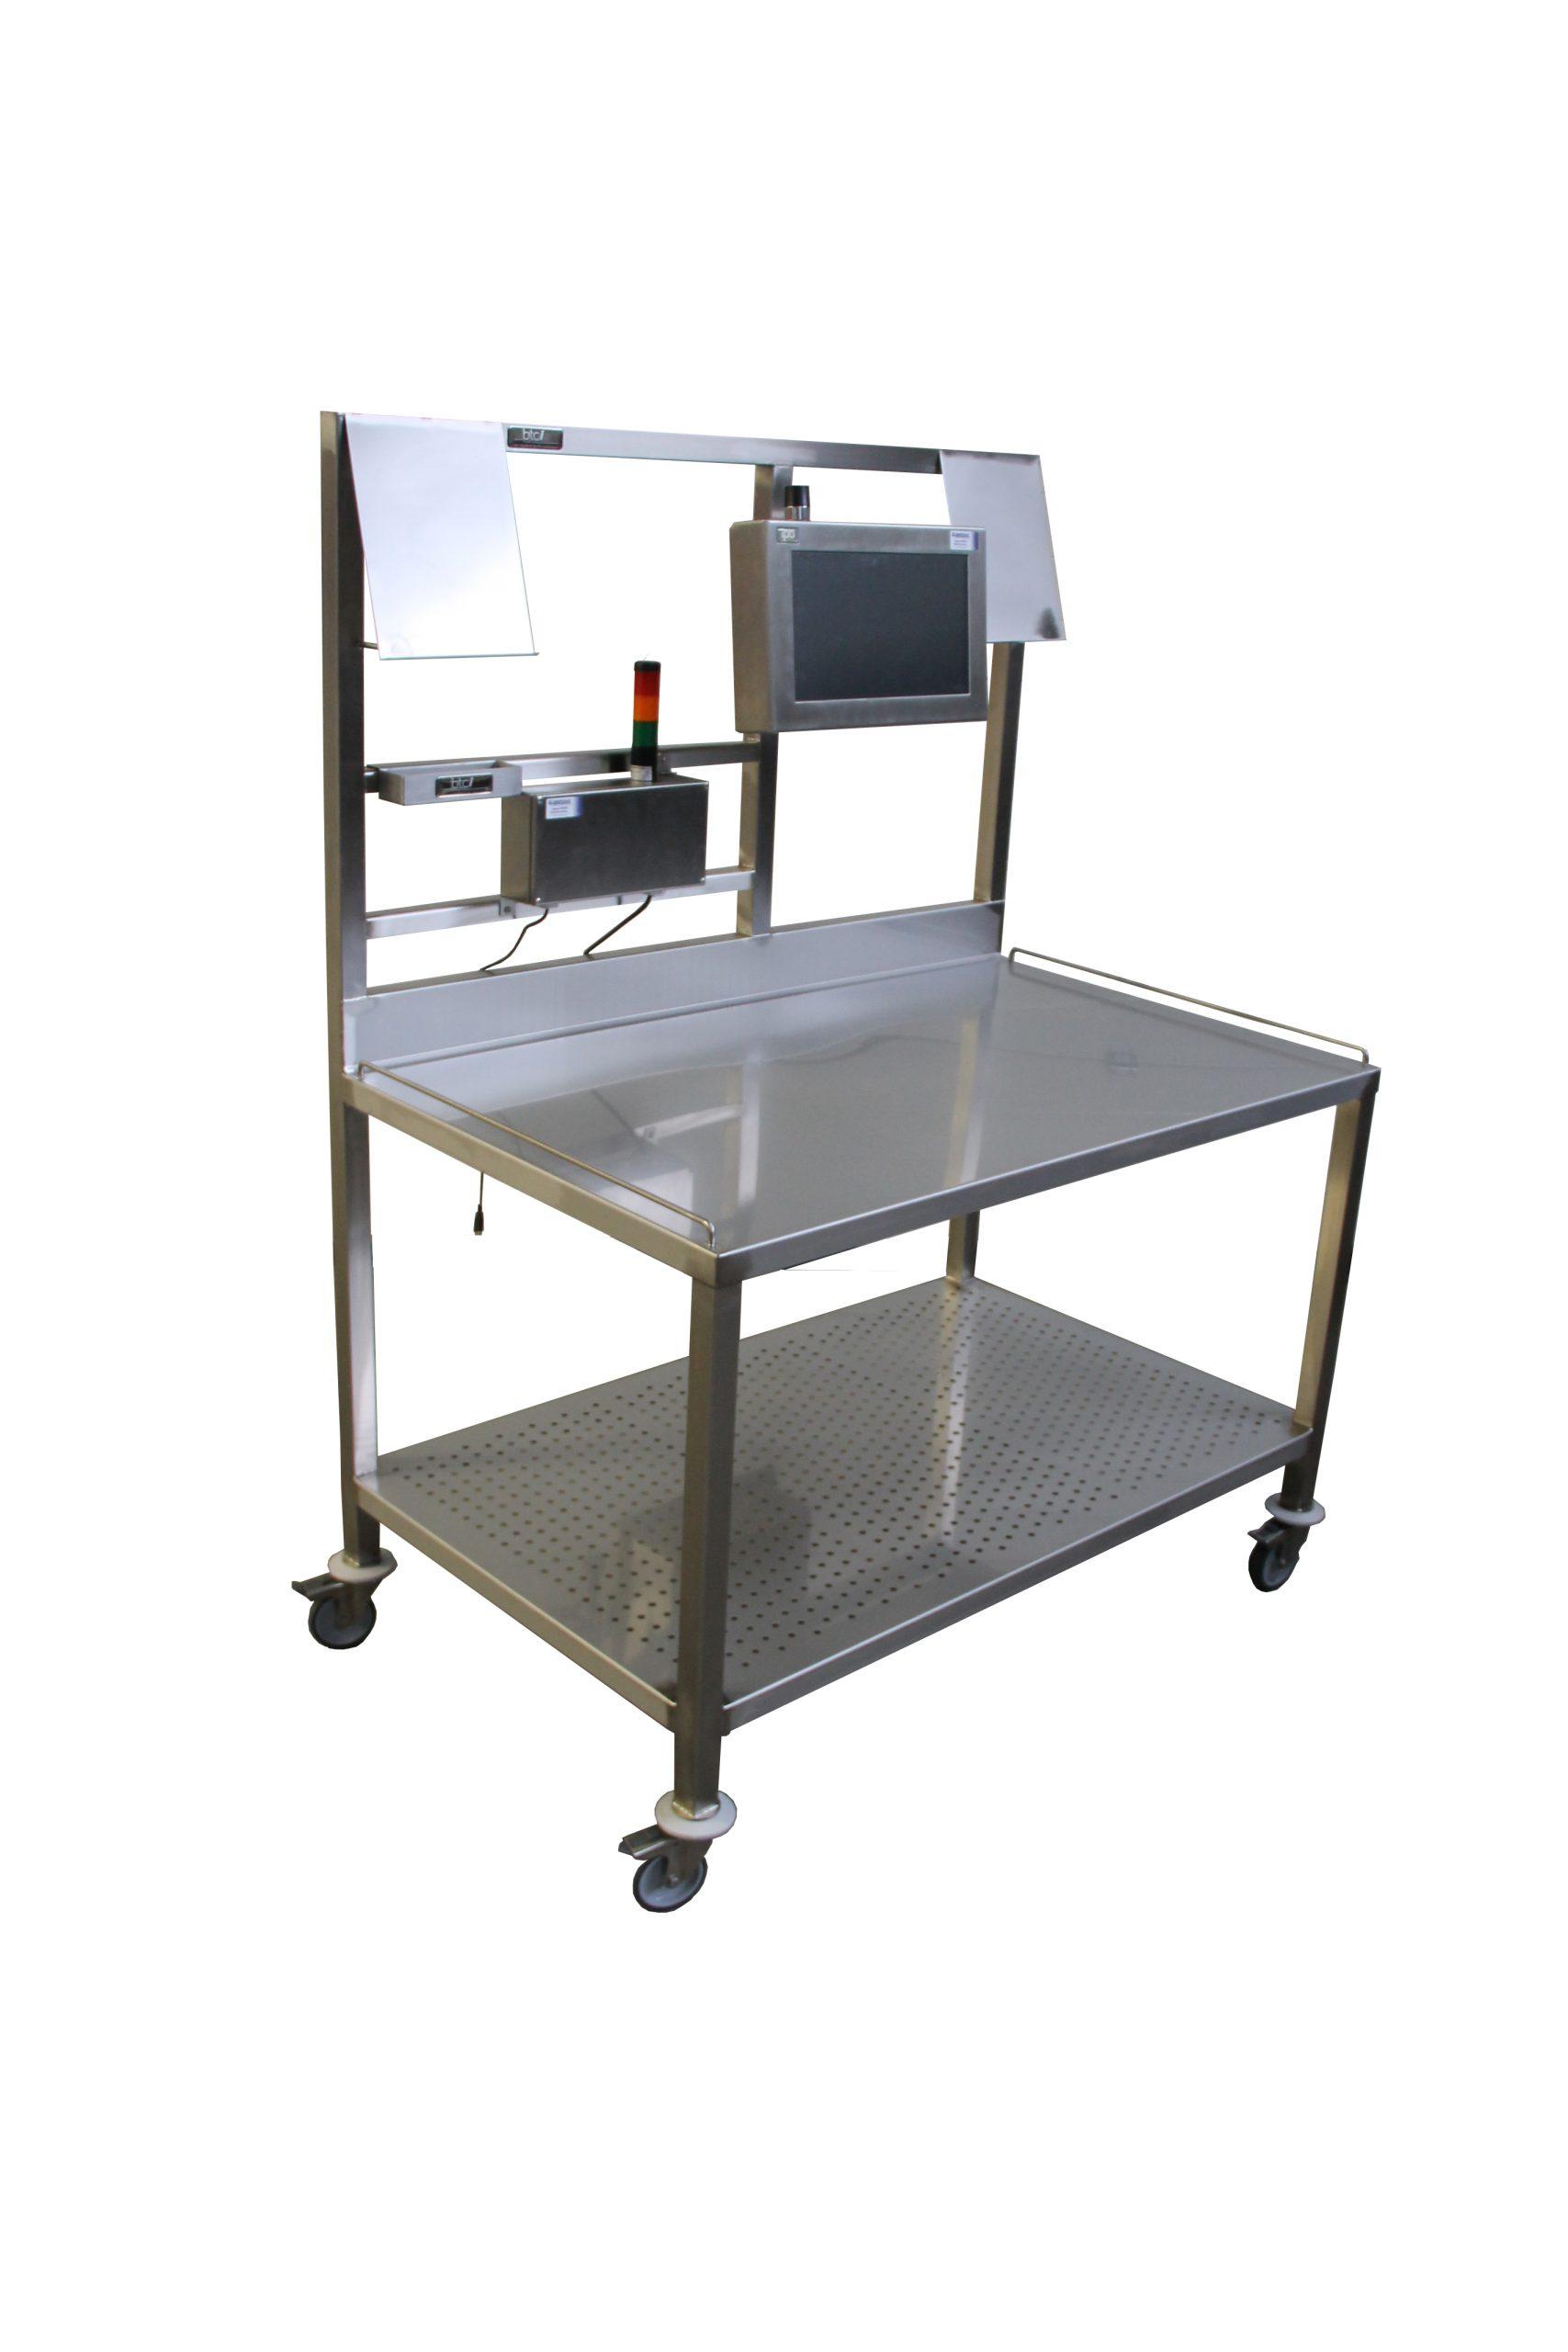 Table mobile de production